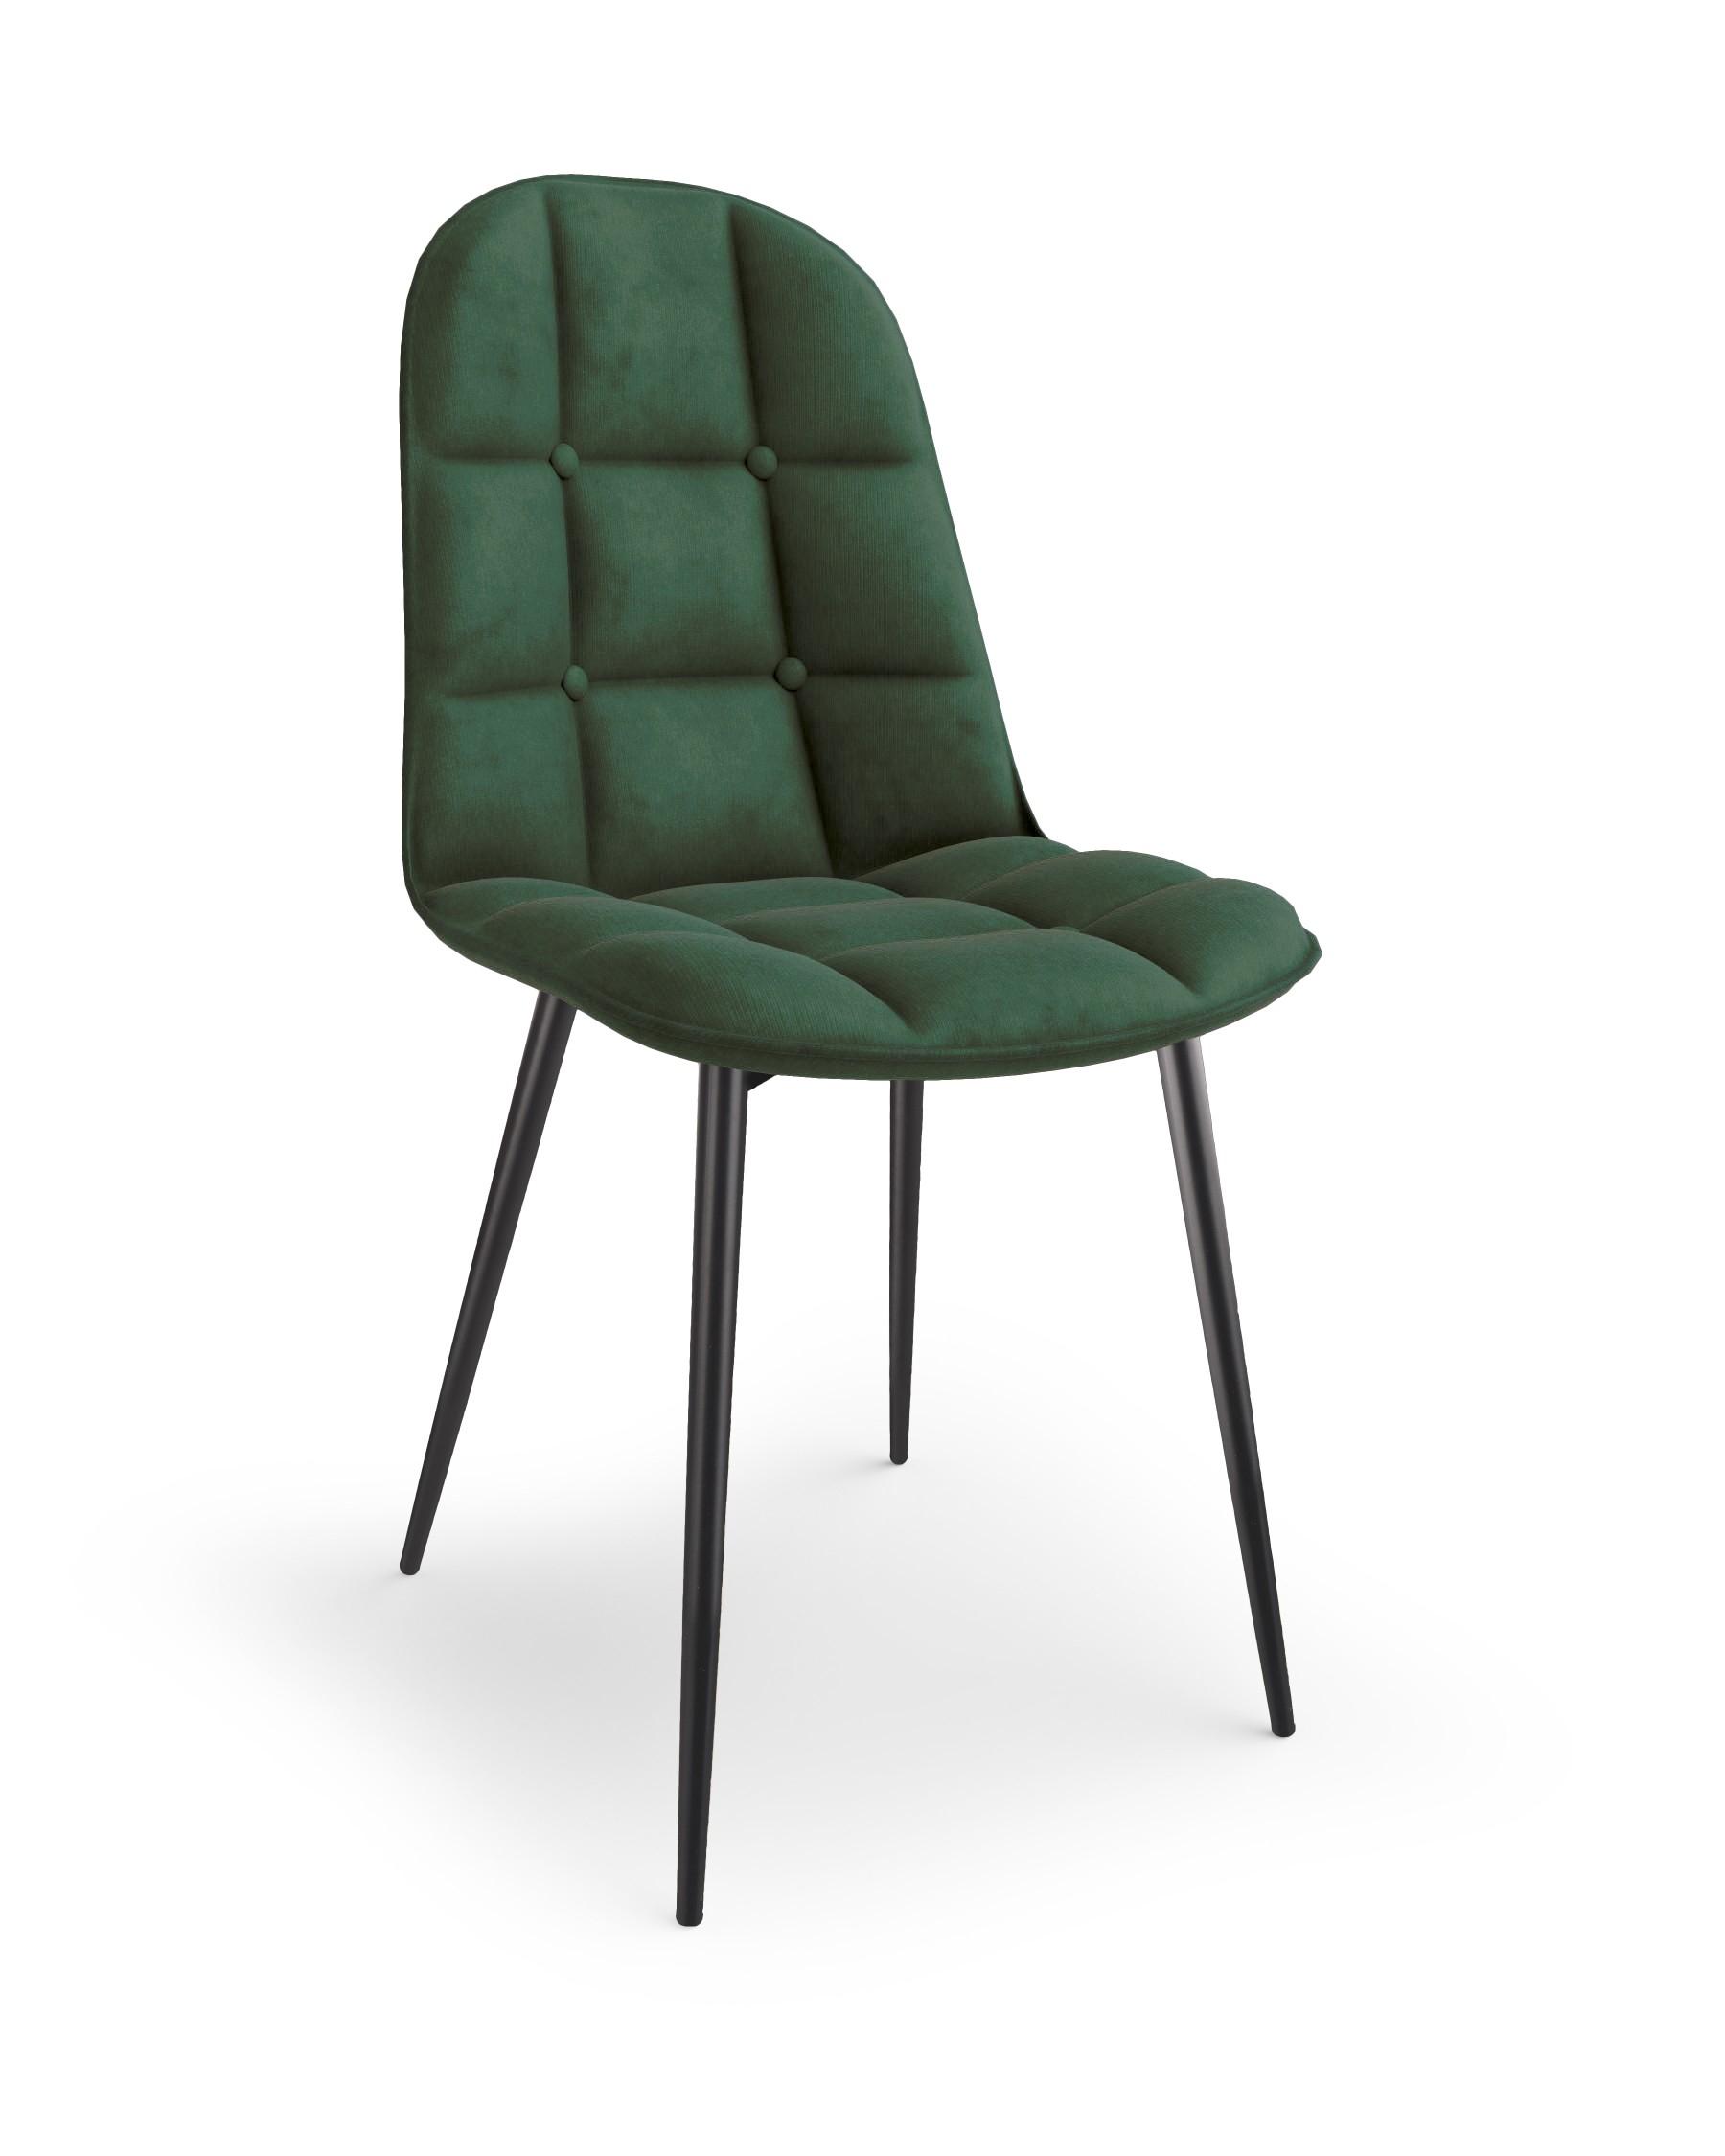 K417 krzesło ciemny zielony velvet